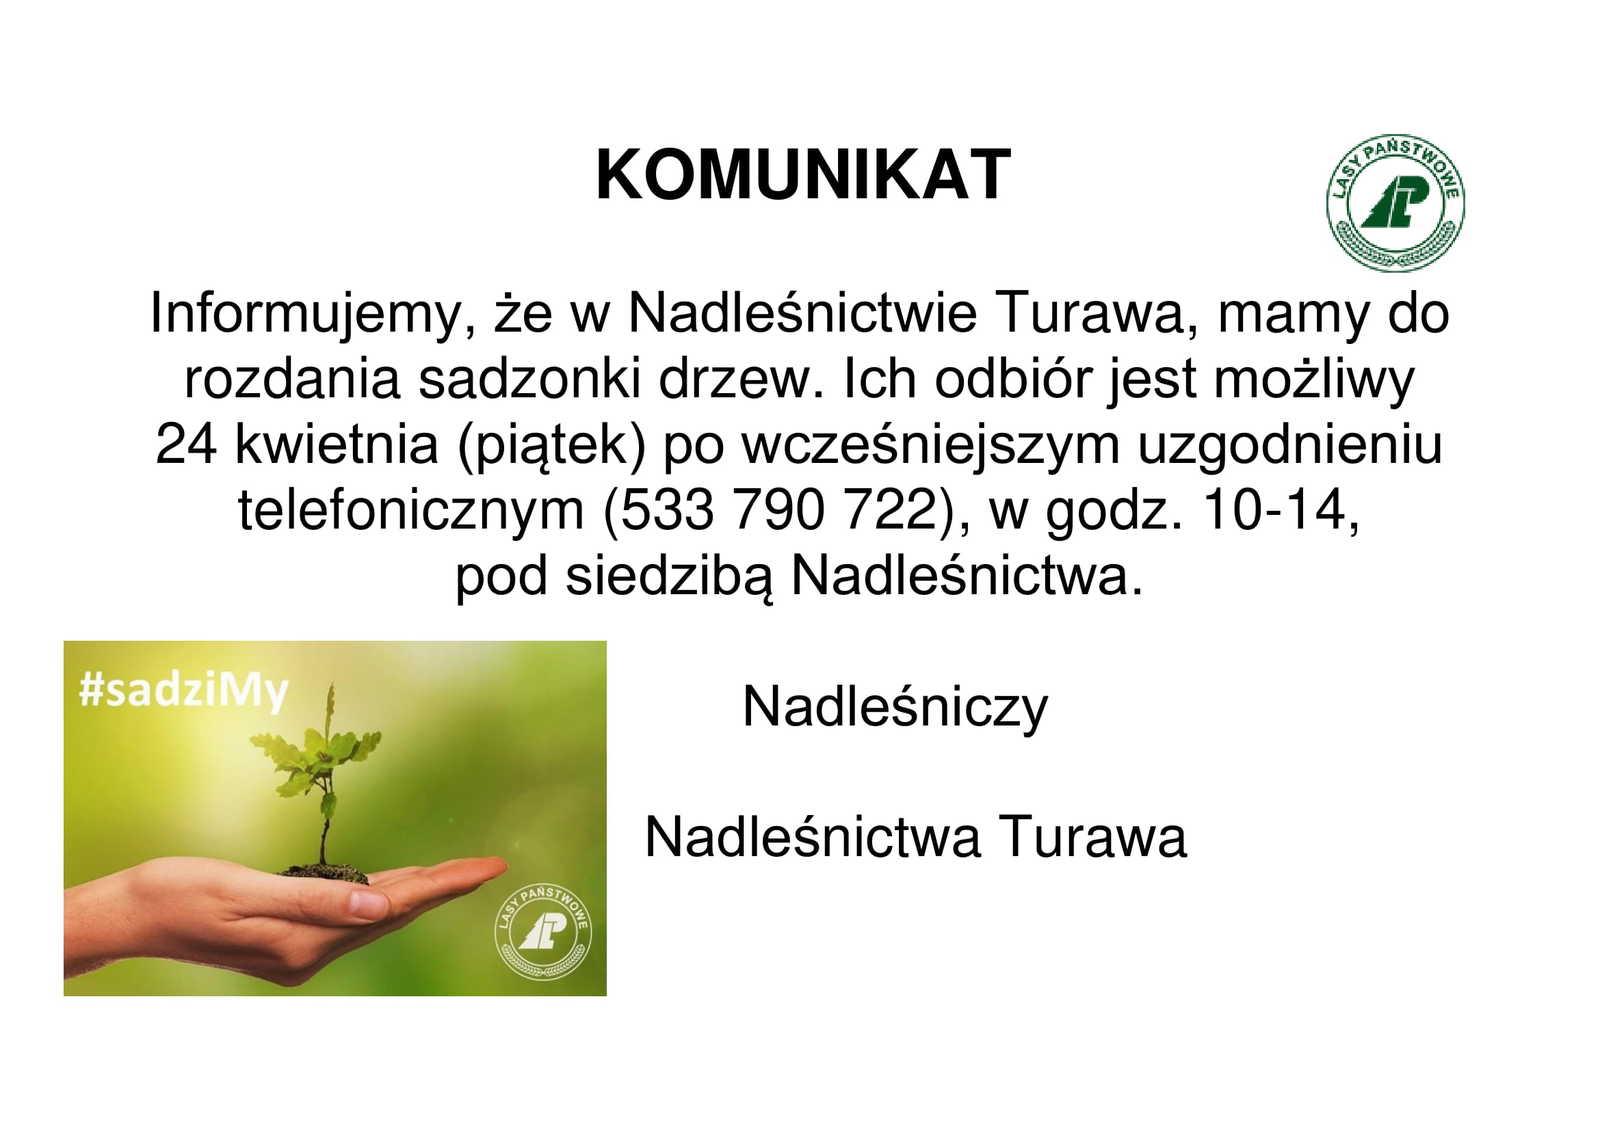 1 KOMUNIKAT Sadzimy-1.jpeg